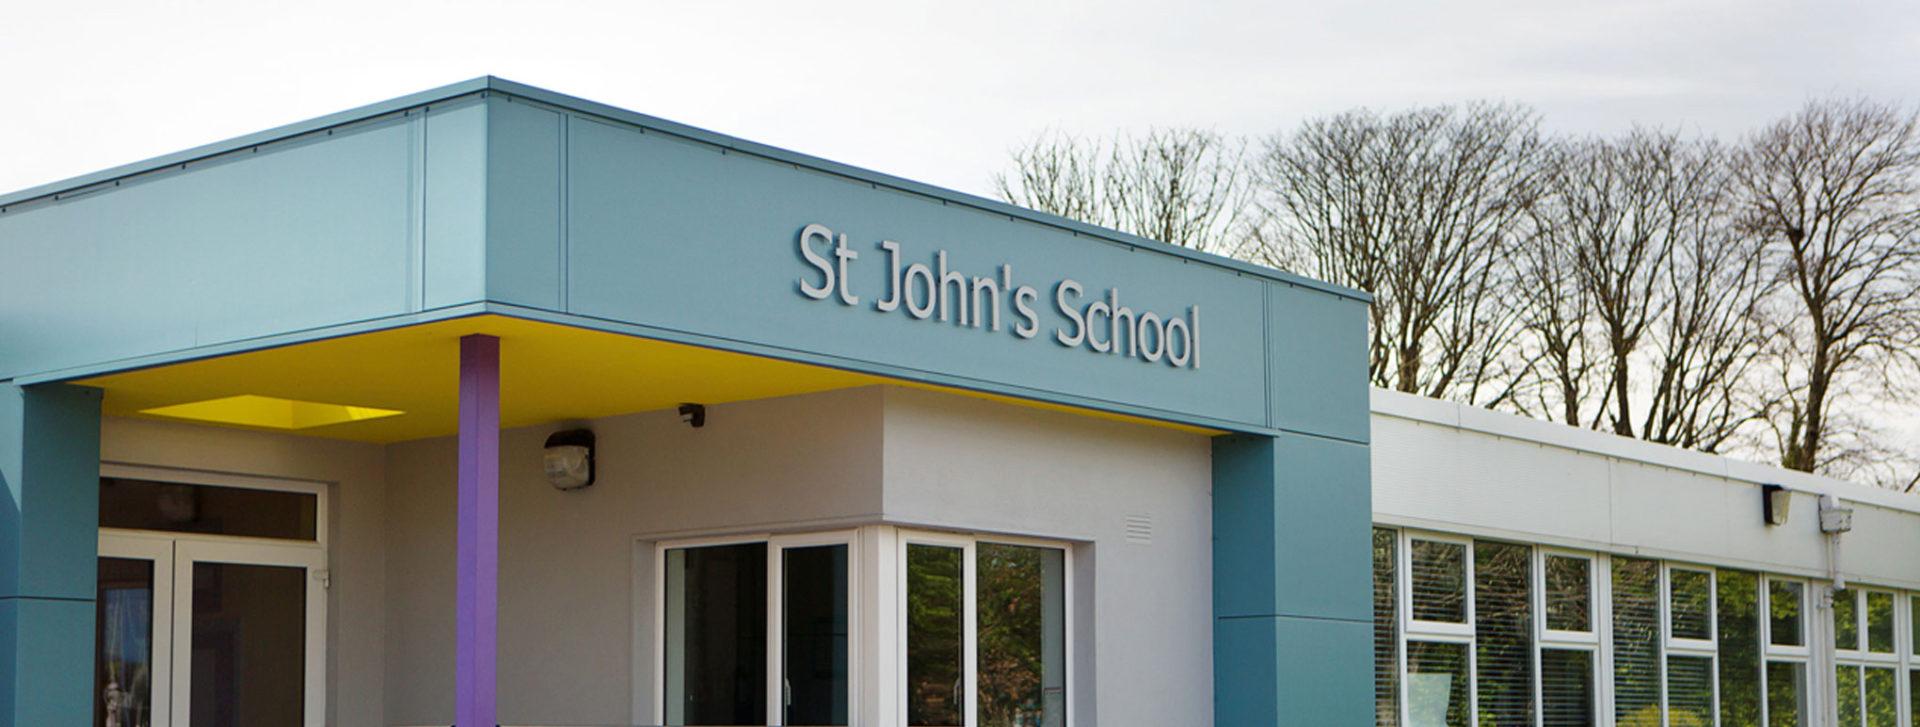 StJohns_Signage